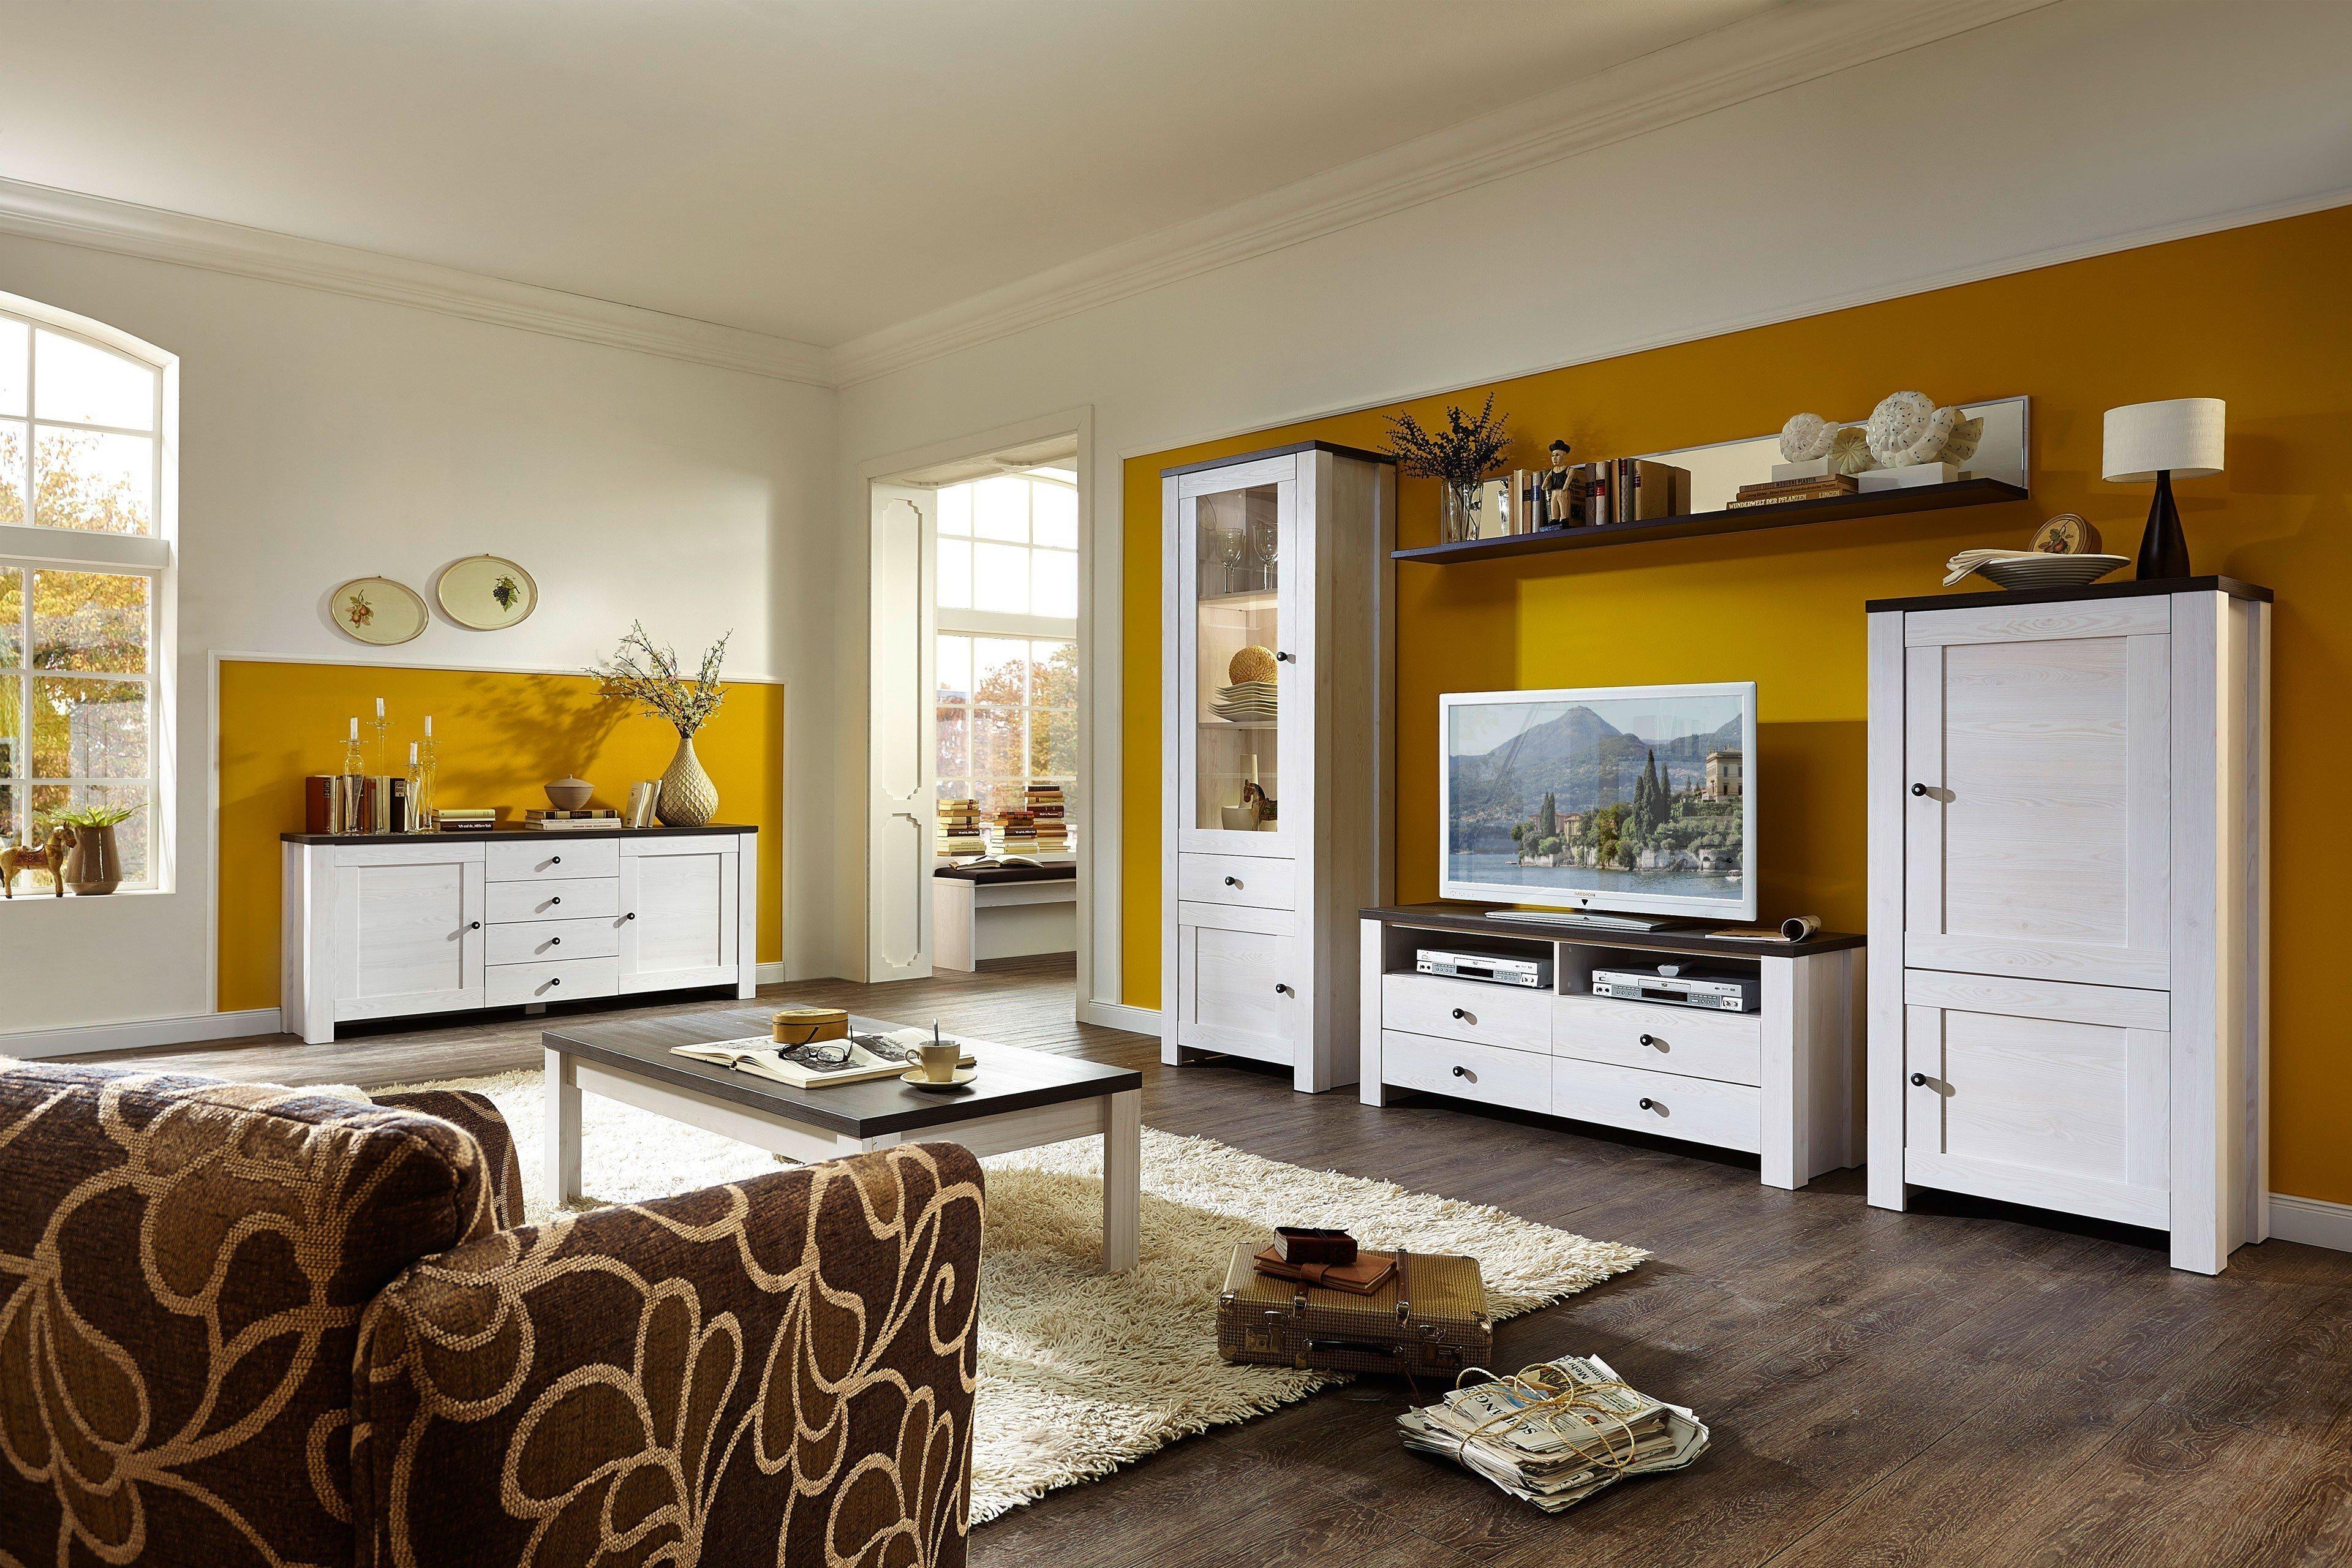 innostyle wohnwand antwerpen bram l rche pinie mit beleuchtung m bel letz ihr online shop. Black Bedroom Furniture Sets. Home Design Ideas